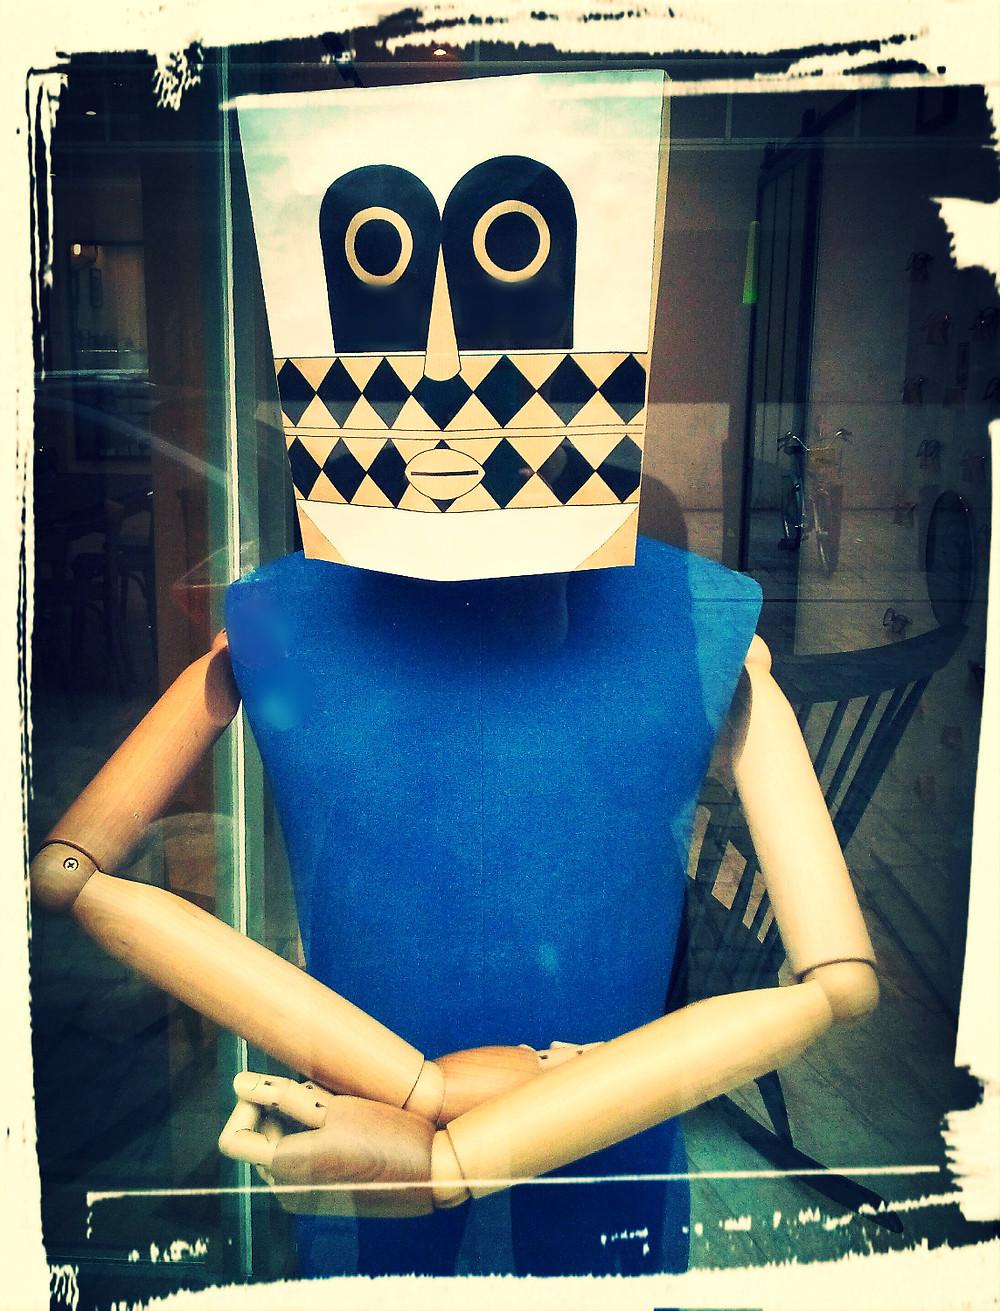 Masque 1 peint pour Besicles opticien par Nathalie Guesdon